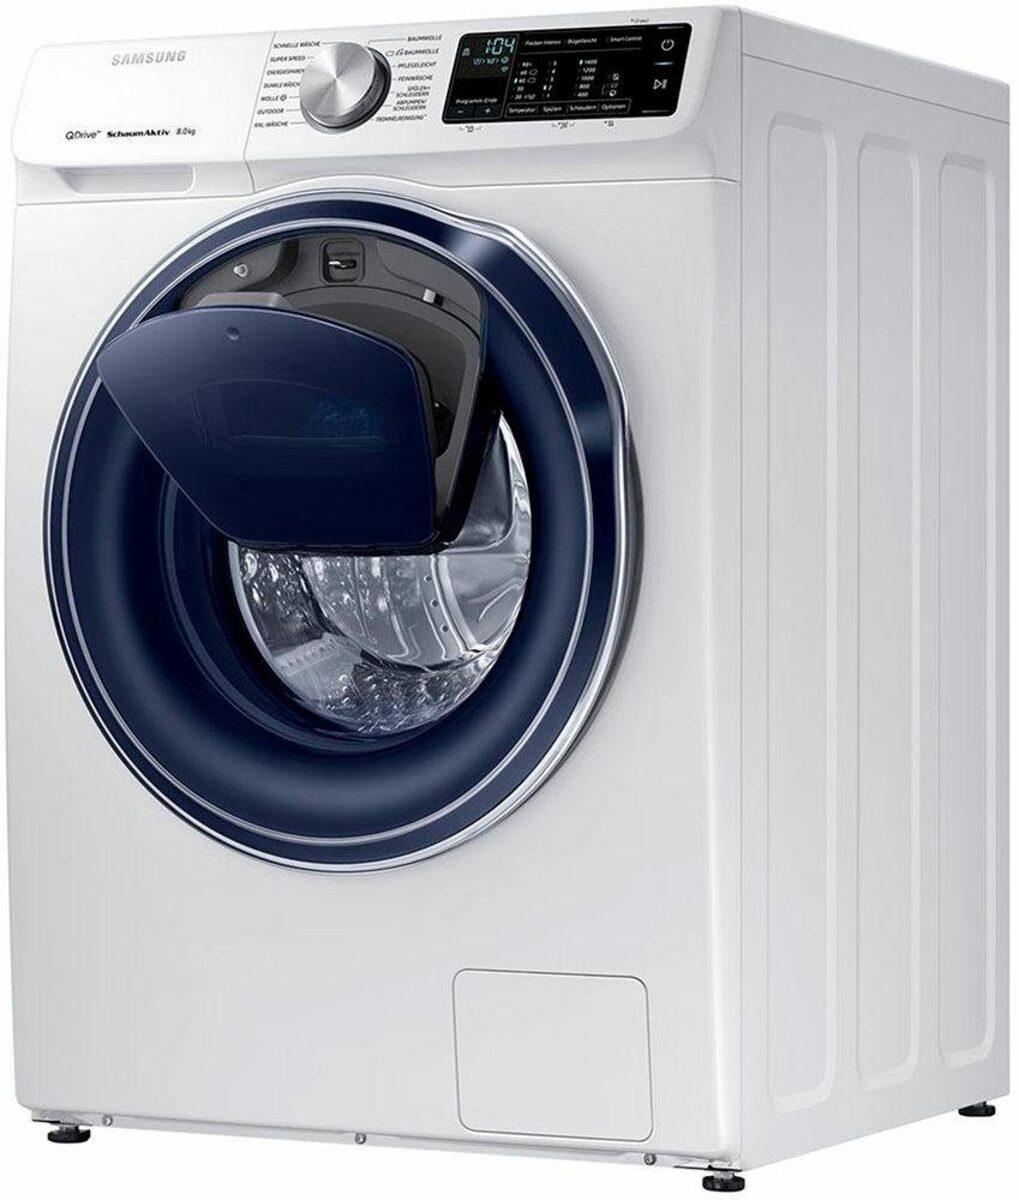 Bild 1 von Samsung Waschmaschine QuickDrive AddWash WW6800 WW8EM642OPW, 8 kg, 1400 U/Min, QuickDrive & WiFi-Steuerung